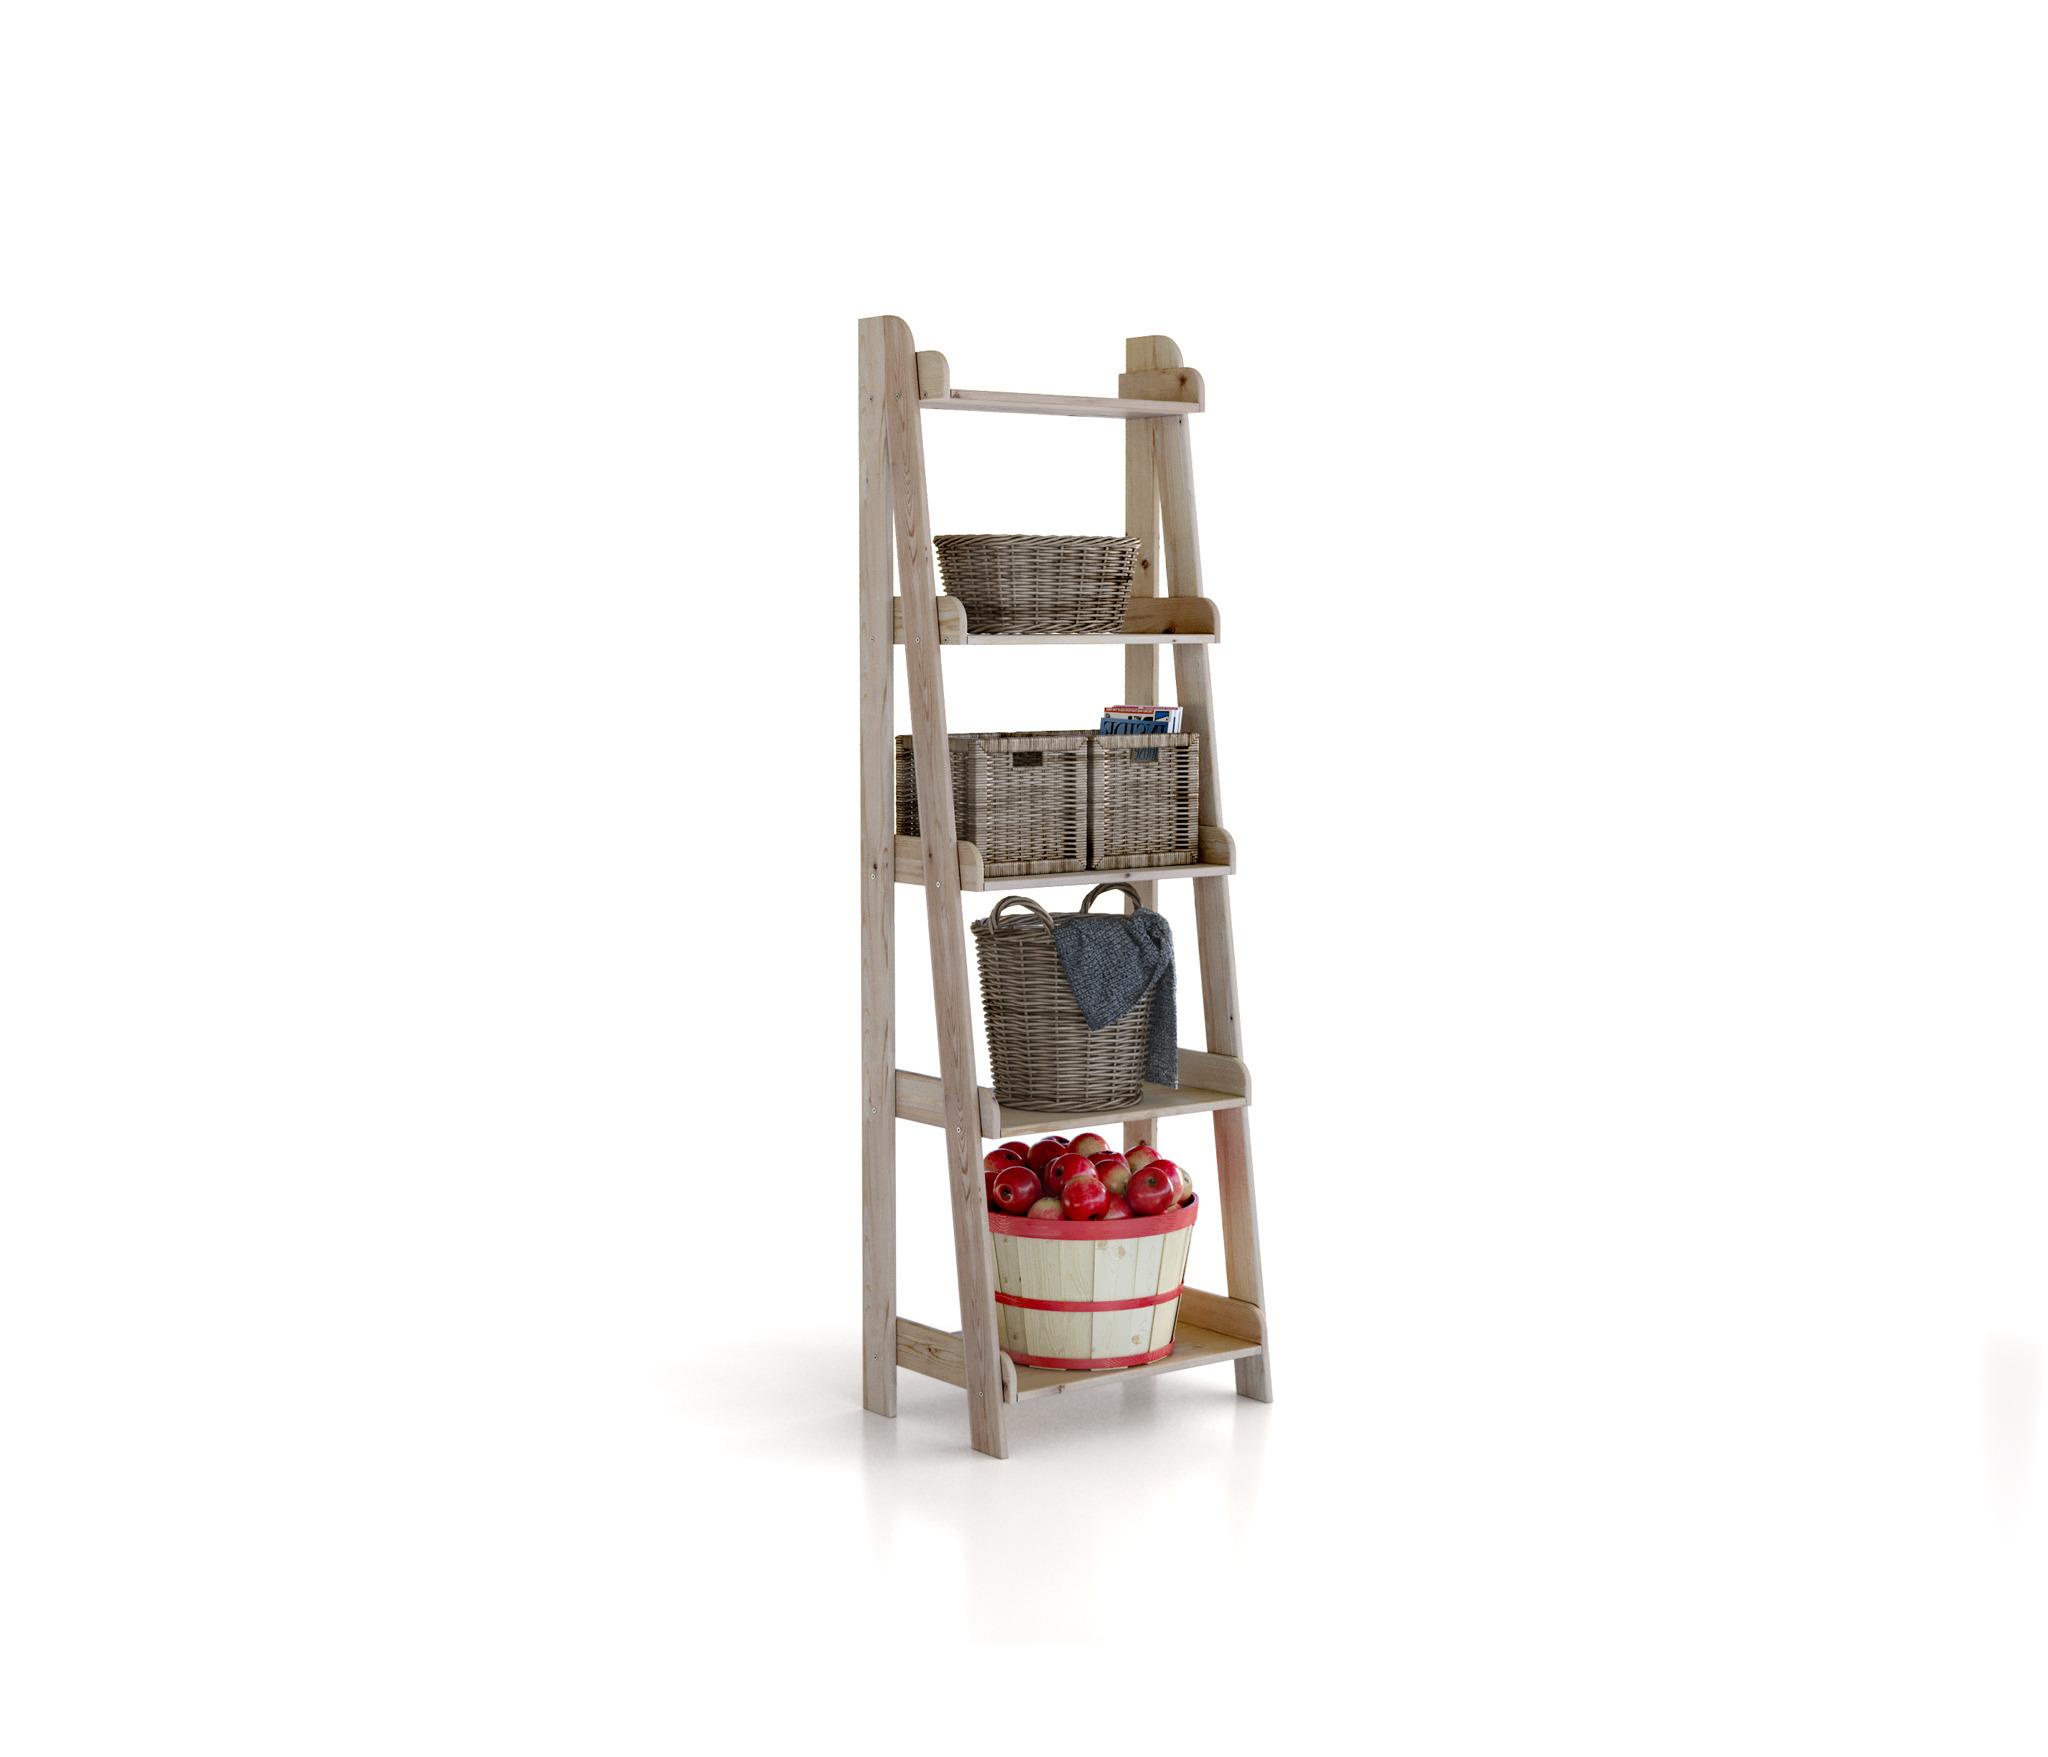 Кантри (Карелия) МС-20 стеллаж горка соснаСопутствующие<br>Деревянный стеллаж   крайне функциональный и практичный предмет мебели. Позволяет сэкономить пространство помещения, так как является местом хранения большого количества вещей и предметов. Сделан полностью из дерева, что позволяет говорить о его долговечности и экологичности. Стеллаж очень легко монтируется и обладает малым весом. Способен вписаться в любой интерьер за счет минималистичного дизайна. К тому же его можно декорировать на свой вкус.&#13;ВНИМАНИЕ! Перед началом эксплуатации вне помещений, необходимо обработать деревянные части мебели специализированными защитными составами!&#13;]]&gt;<br><br>Длина мм: 666<br>Высота мм: 2085<br>Глубина мм: 449